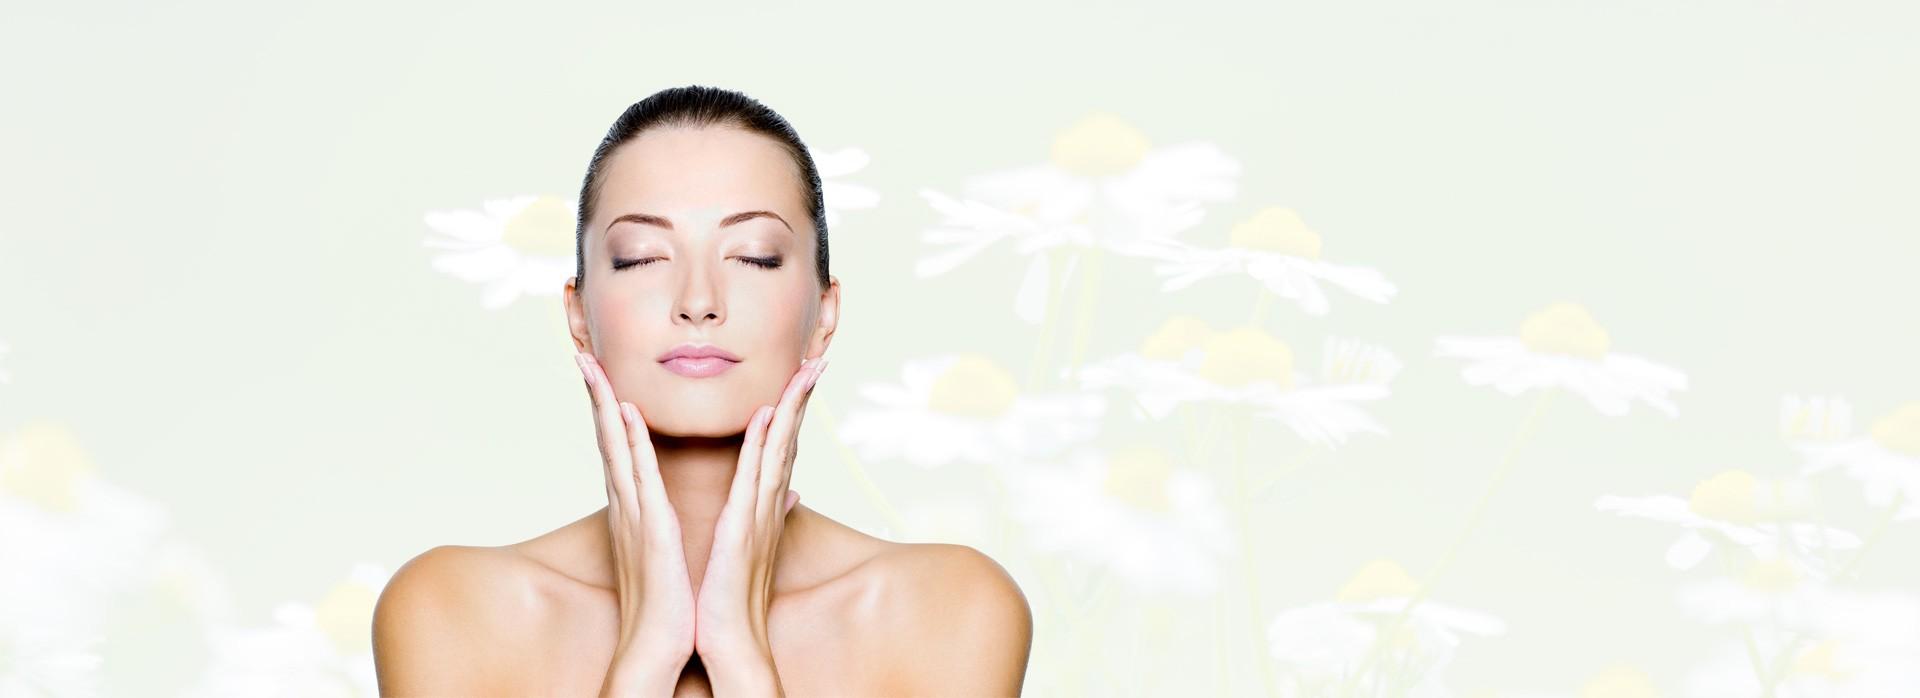 El cuidado de la piel con cosméticos naturales